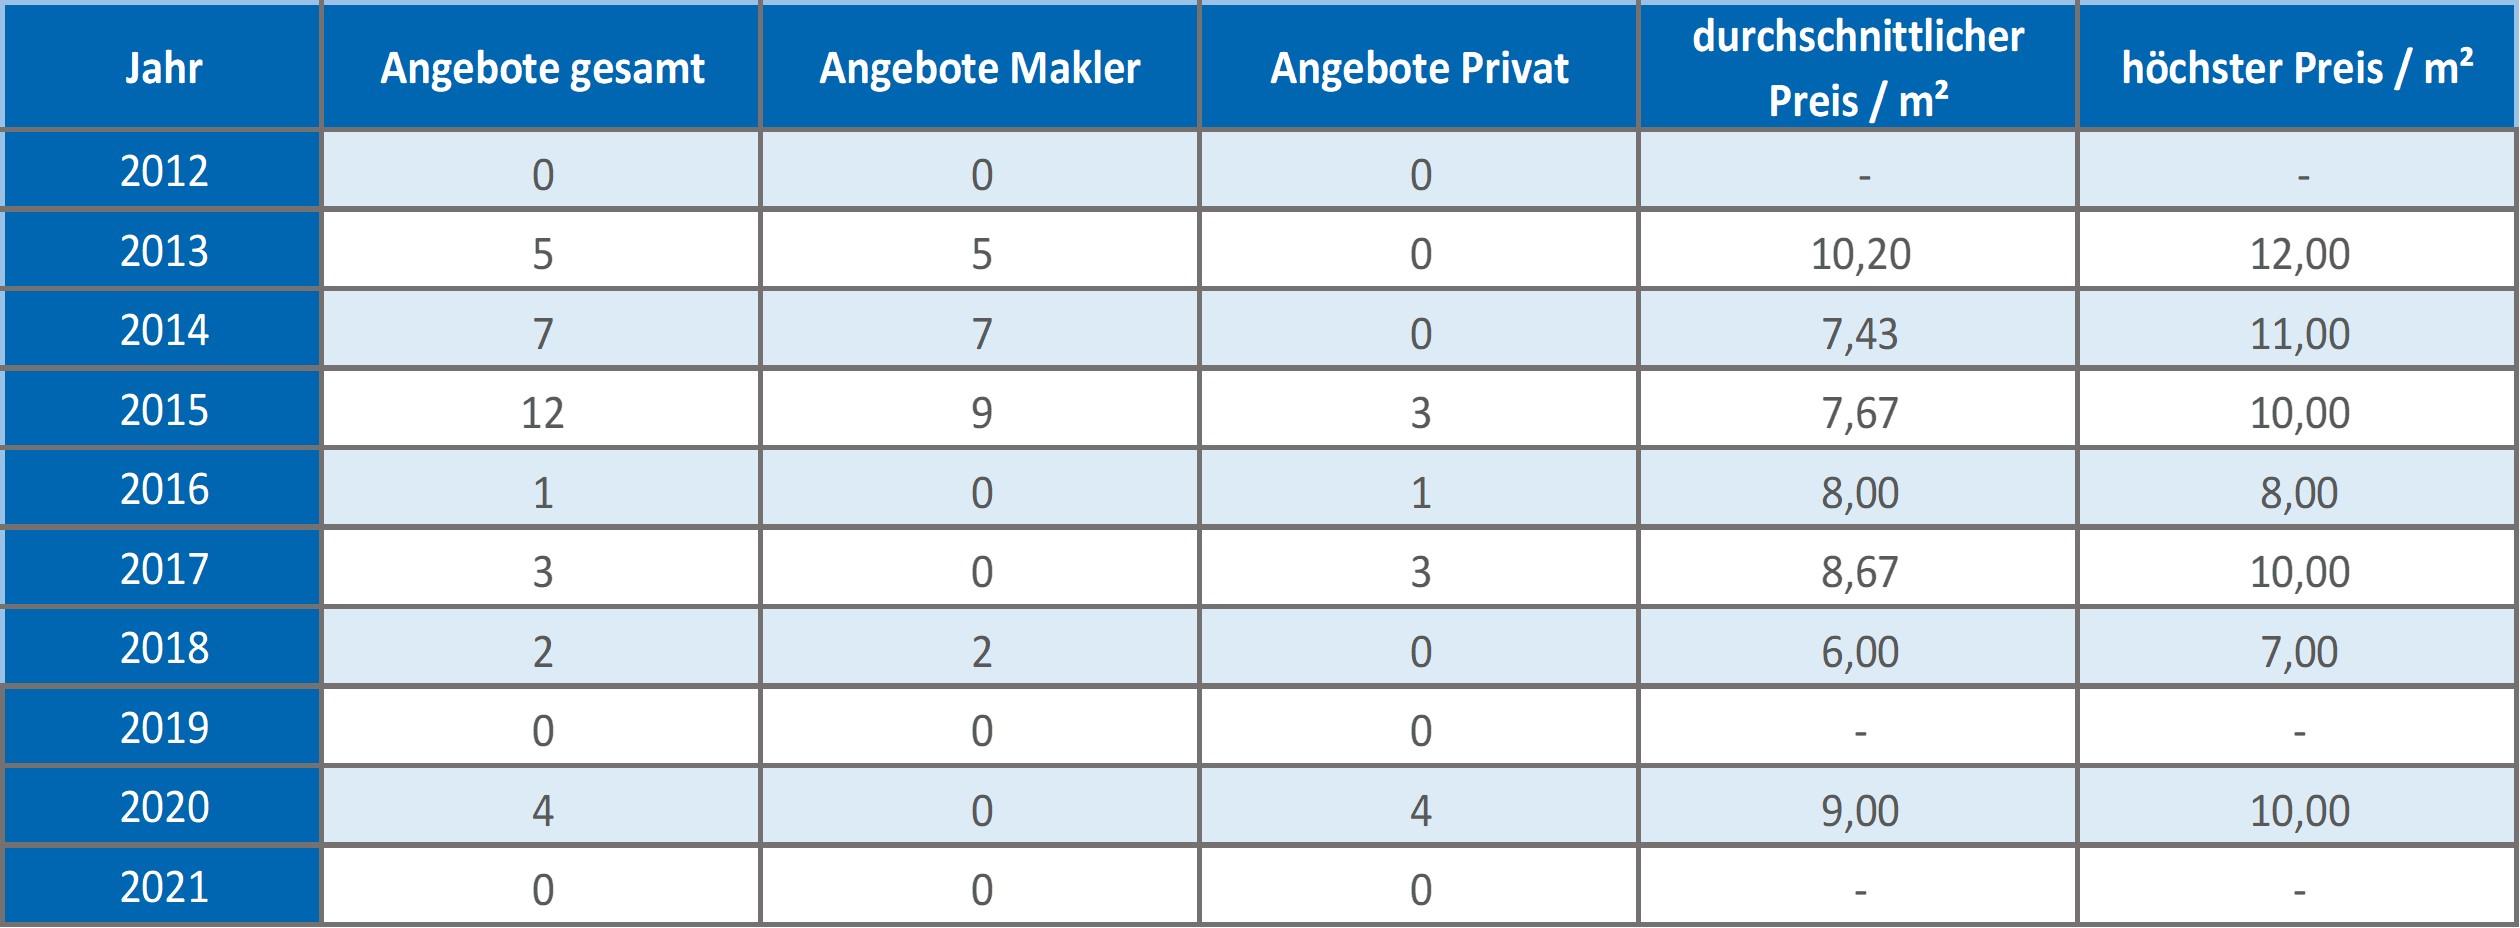 Bayrischzell makler wohnung mieten vermieten preis bewertung www.happy-immo.de 2019, 2020, 2021